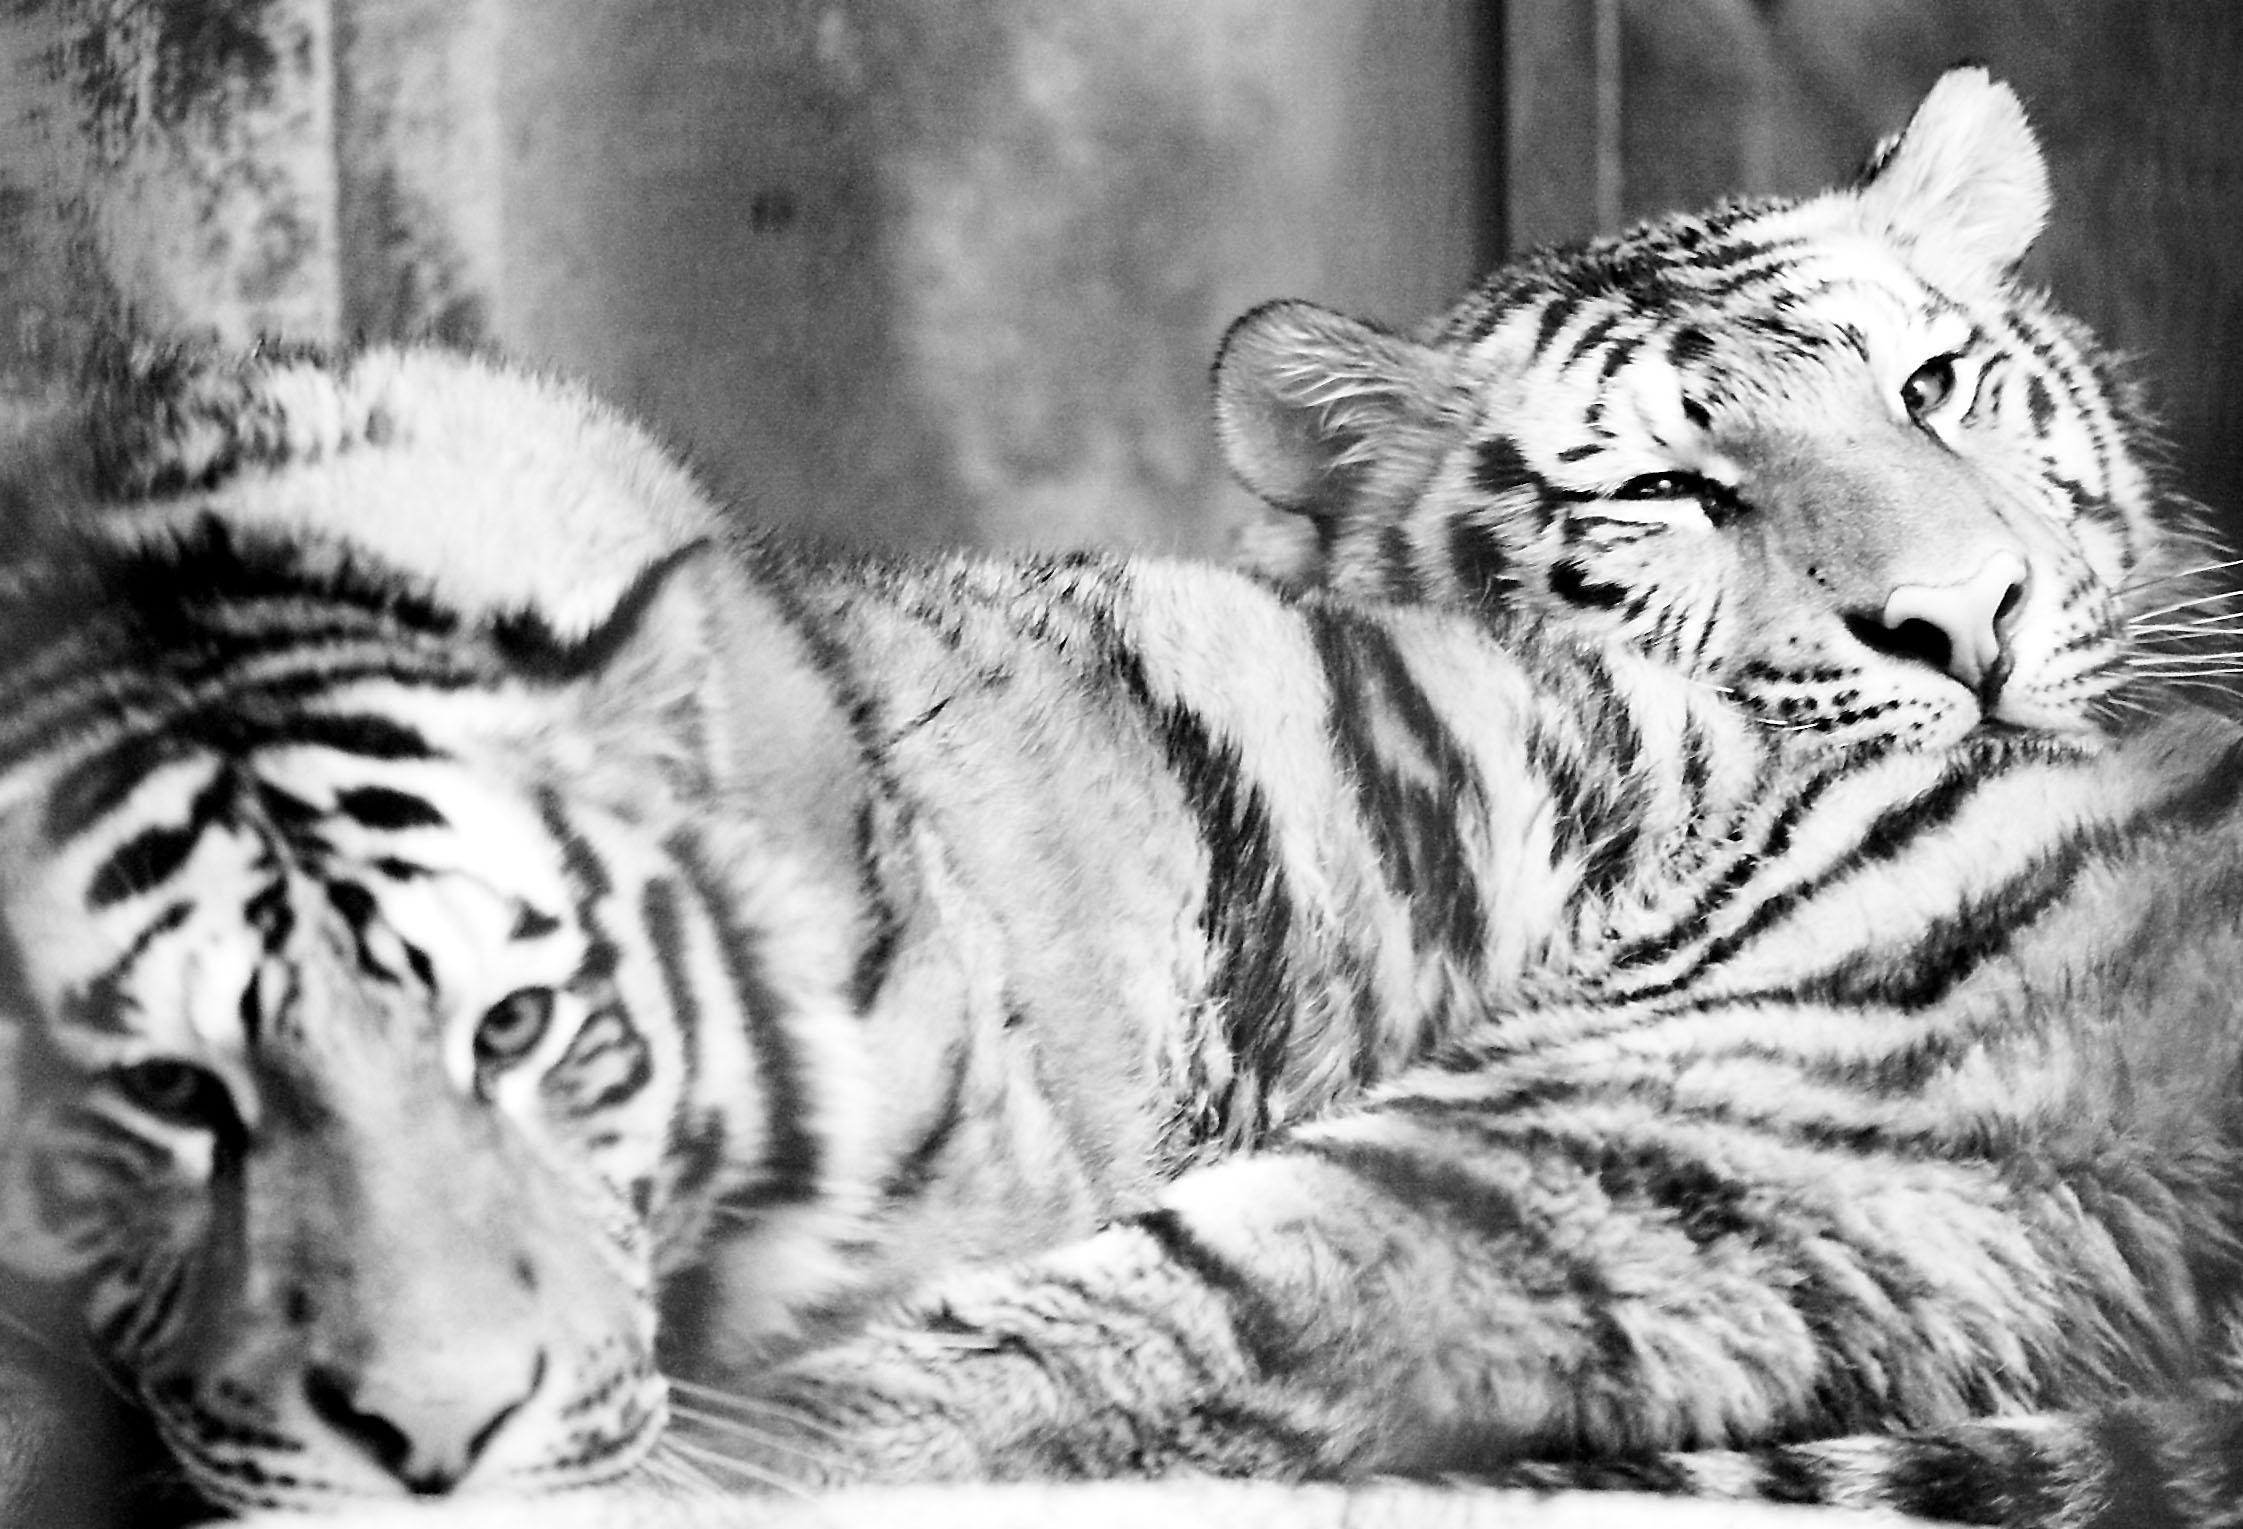 小东北虎,小河马,小金丝猴也可以与游人见面了,活泼可爱的它们为大家